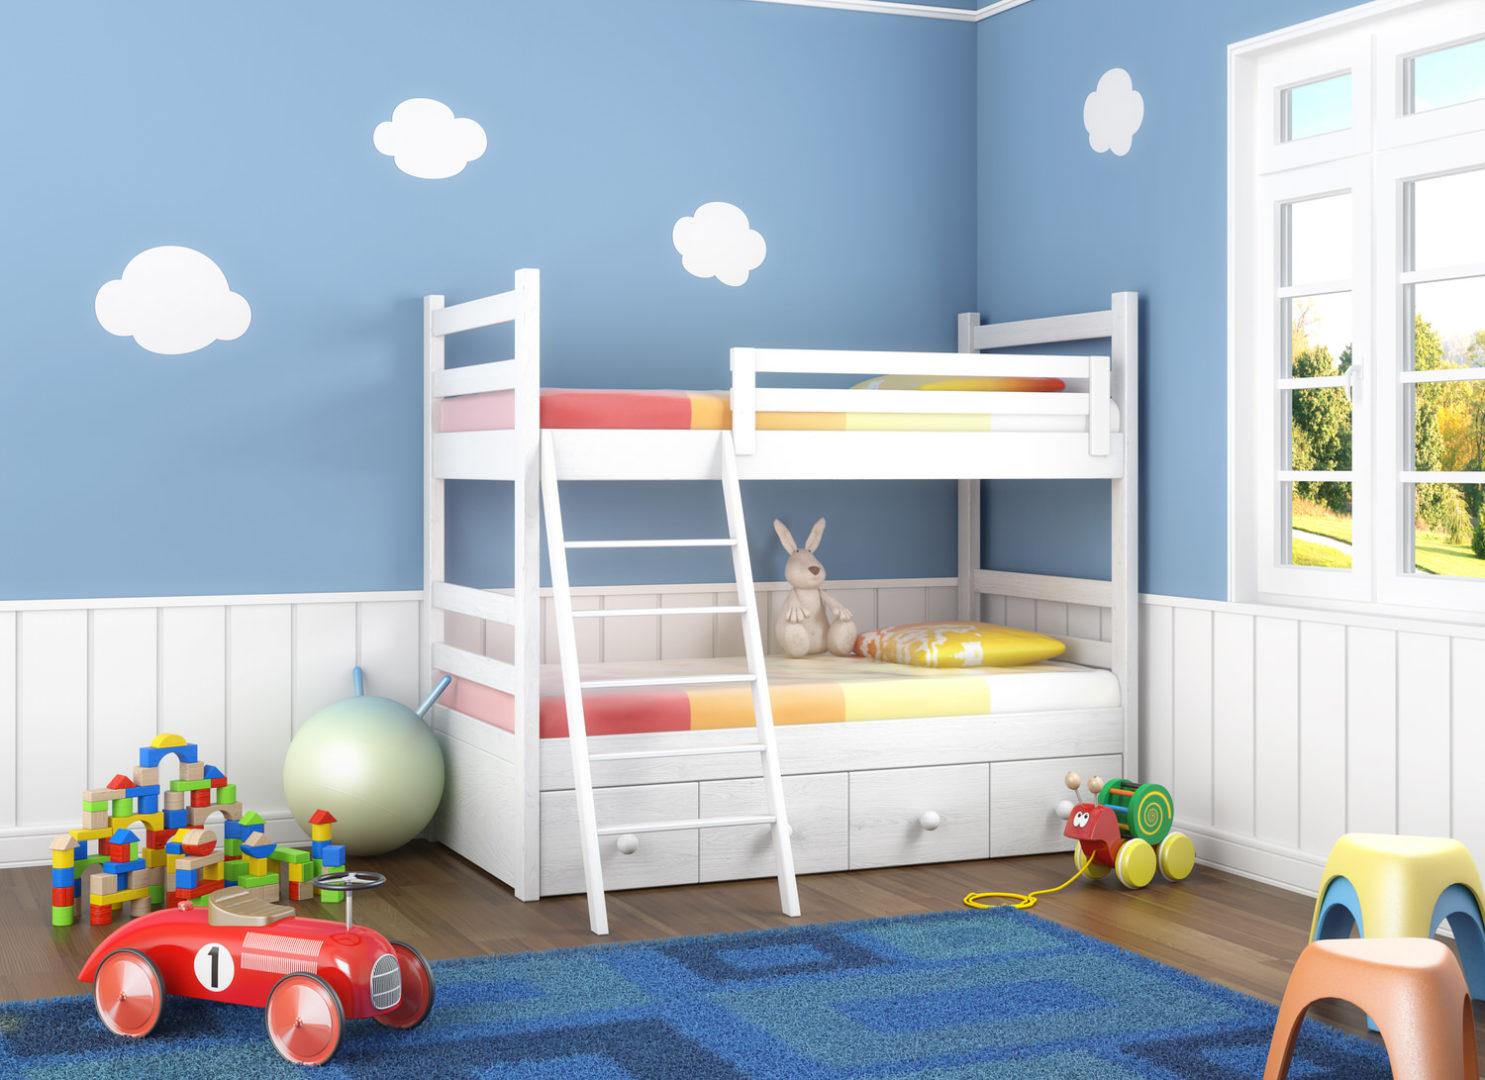 Kleines Kinderzimmer einrichten - eine große Herausforderung ...